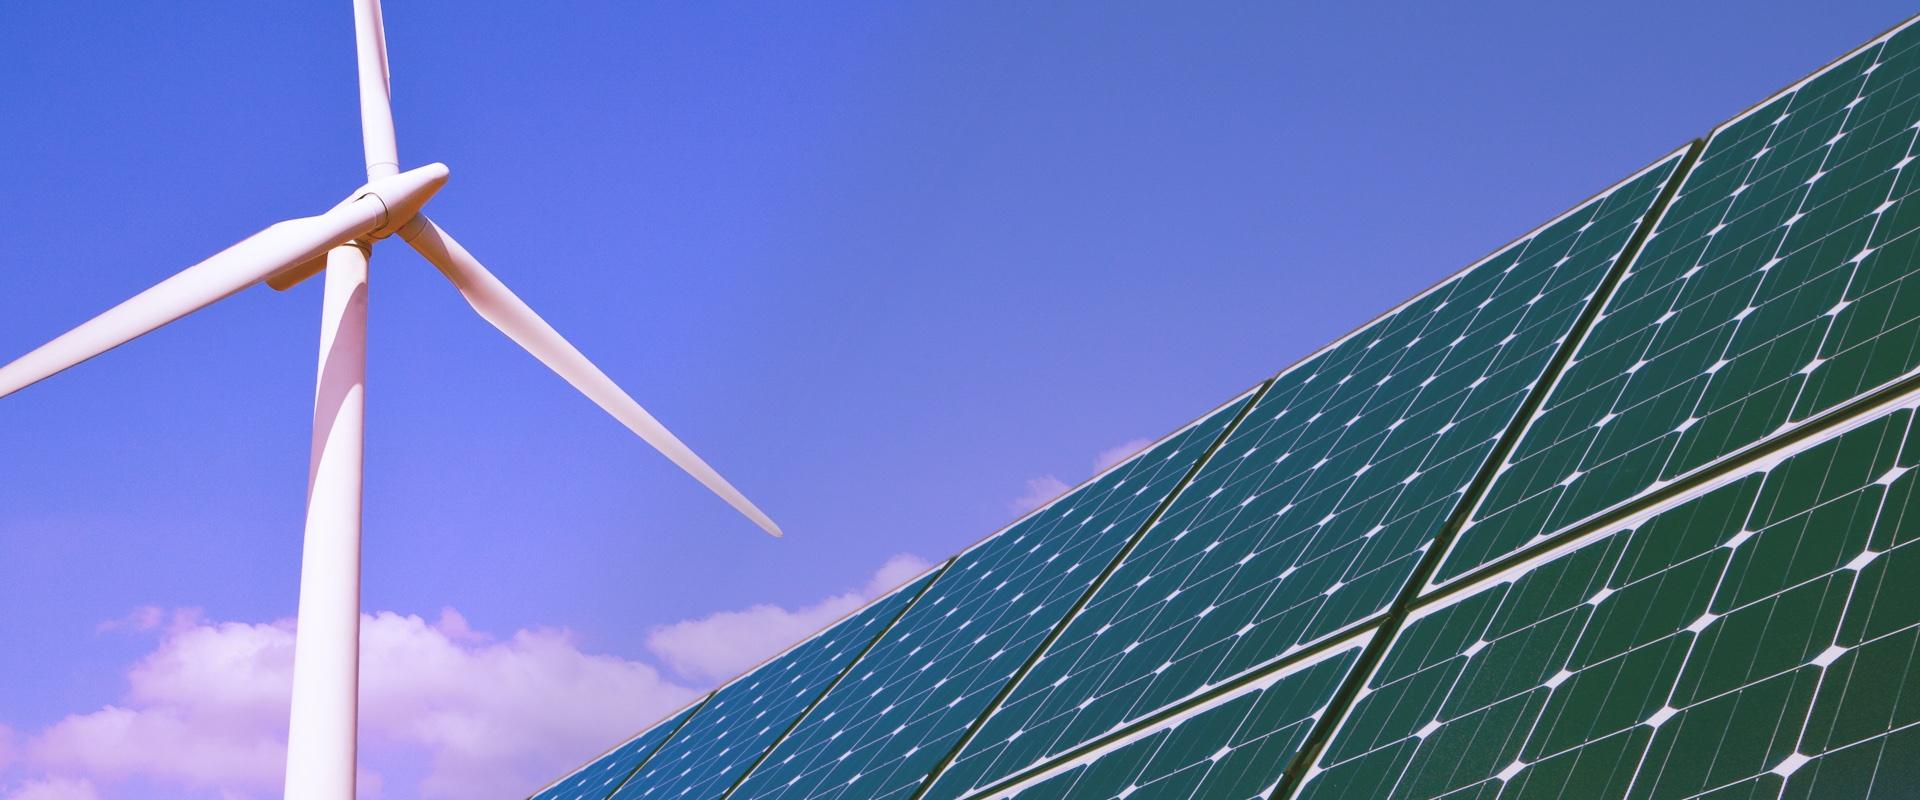 Sector energía, imagen de molino eólico y placa solar